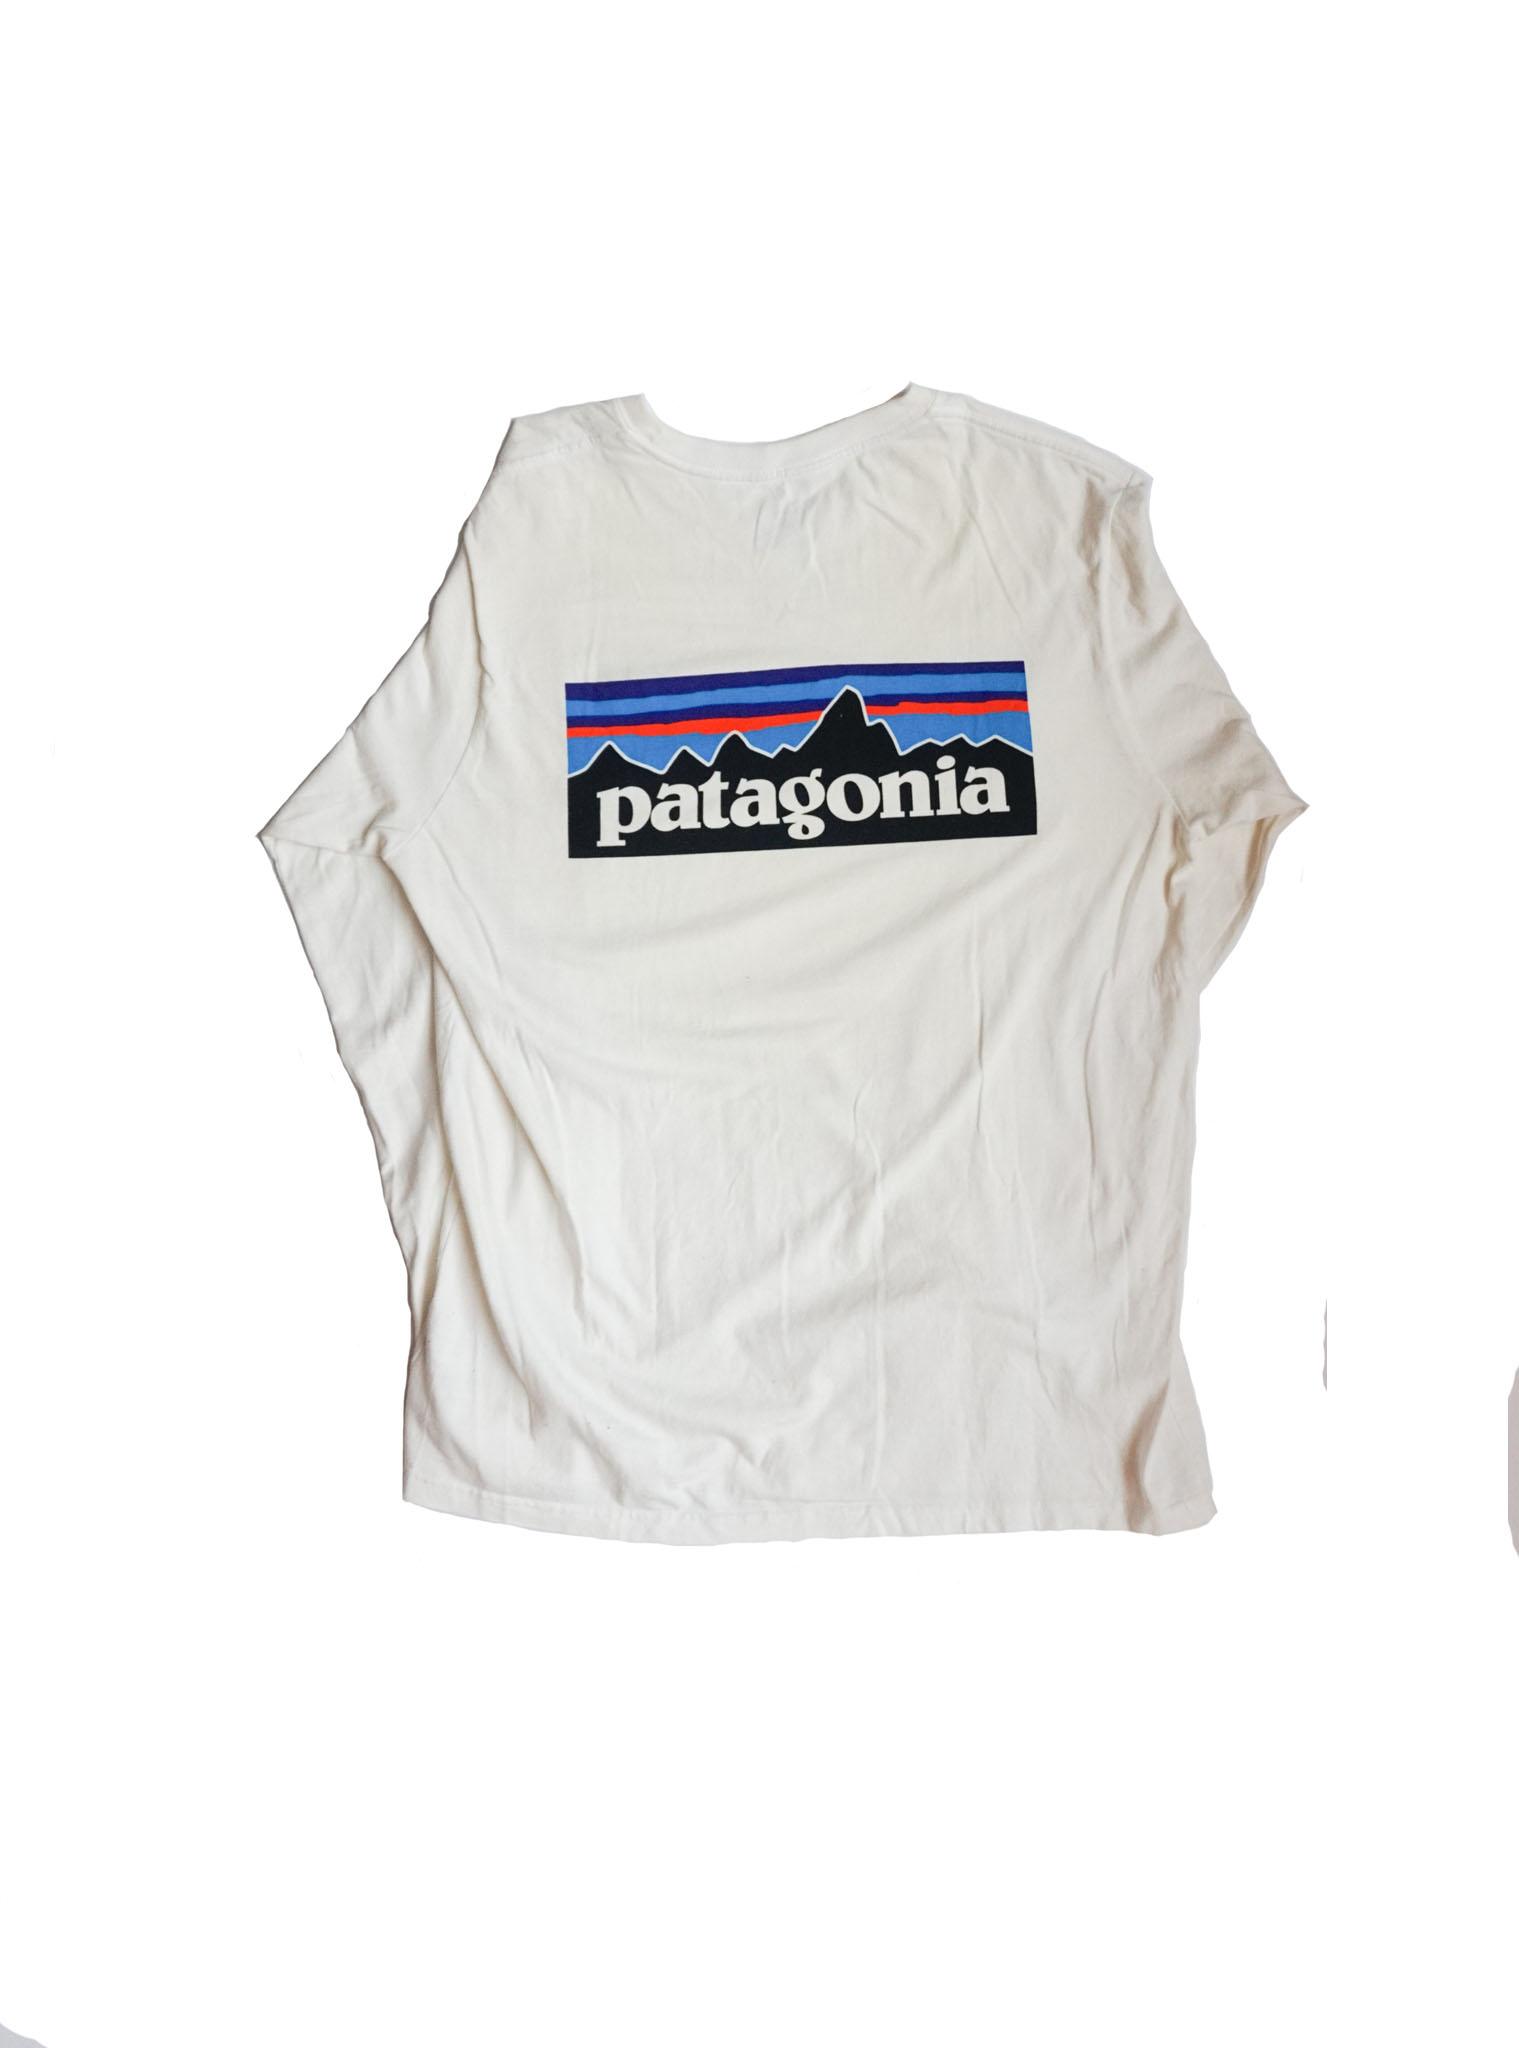 Patagonia Longsleeve Tee Sail